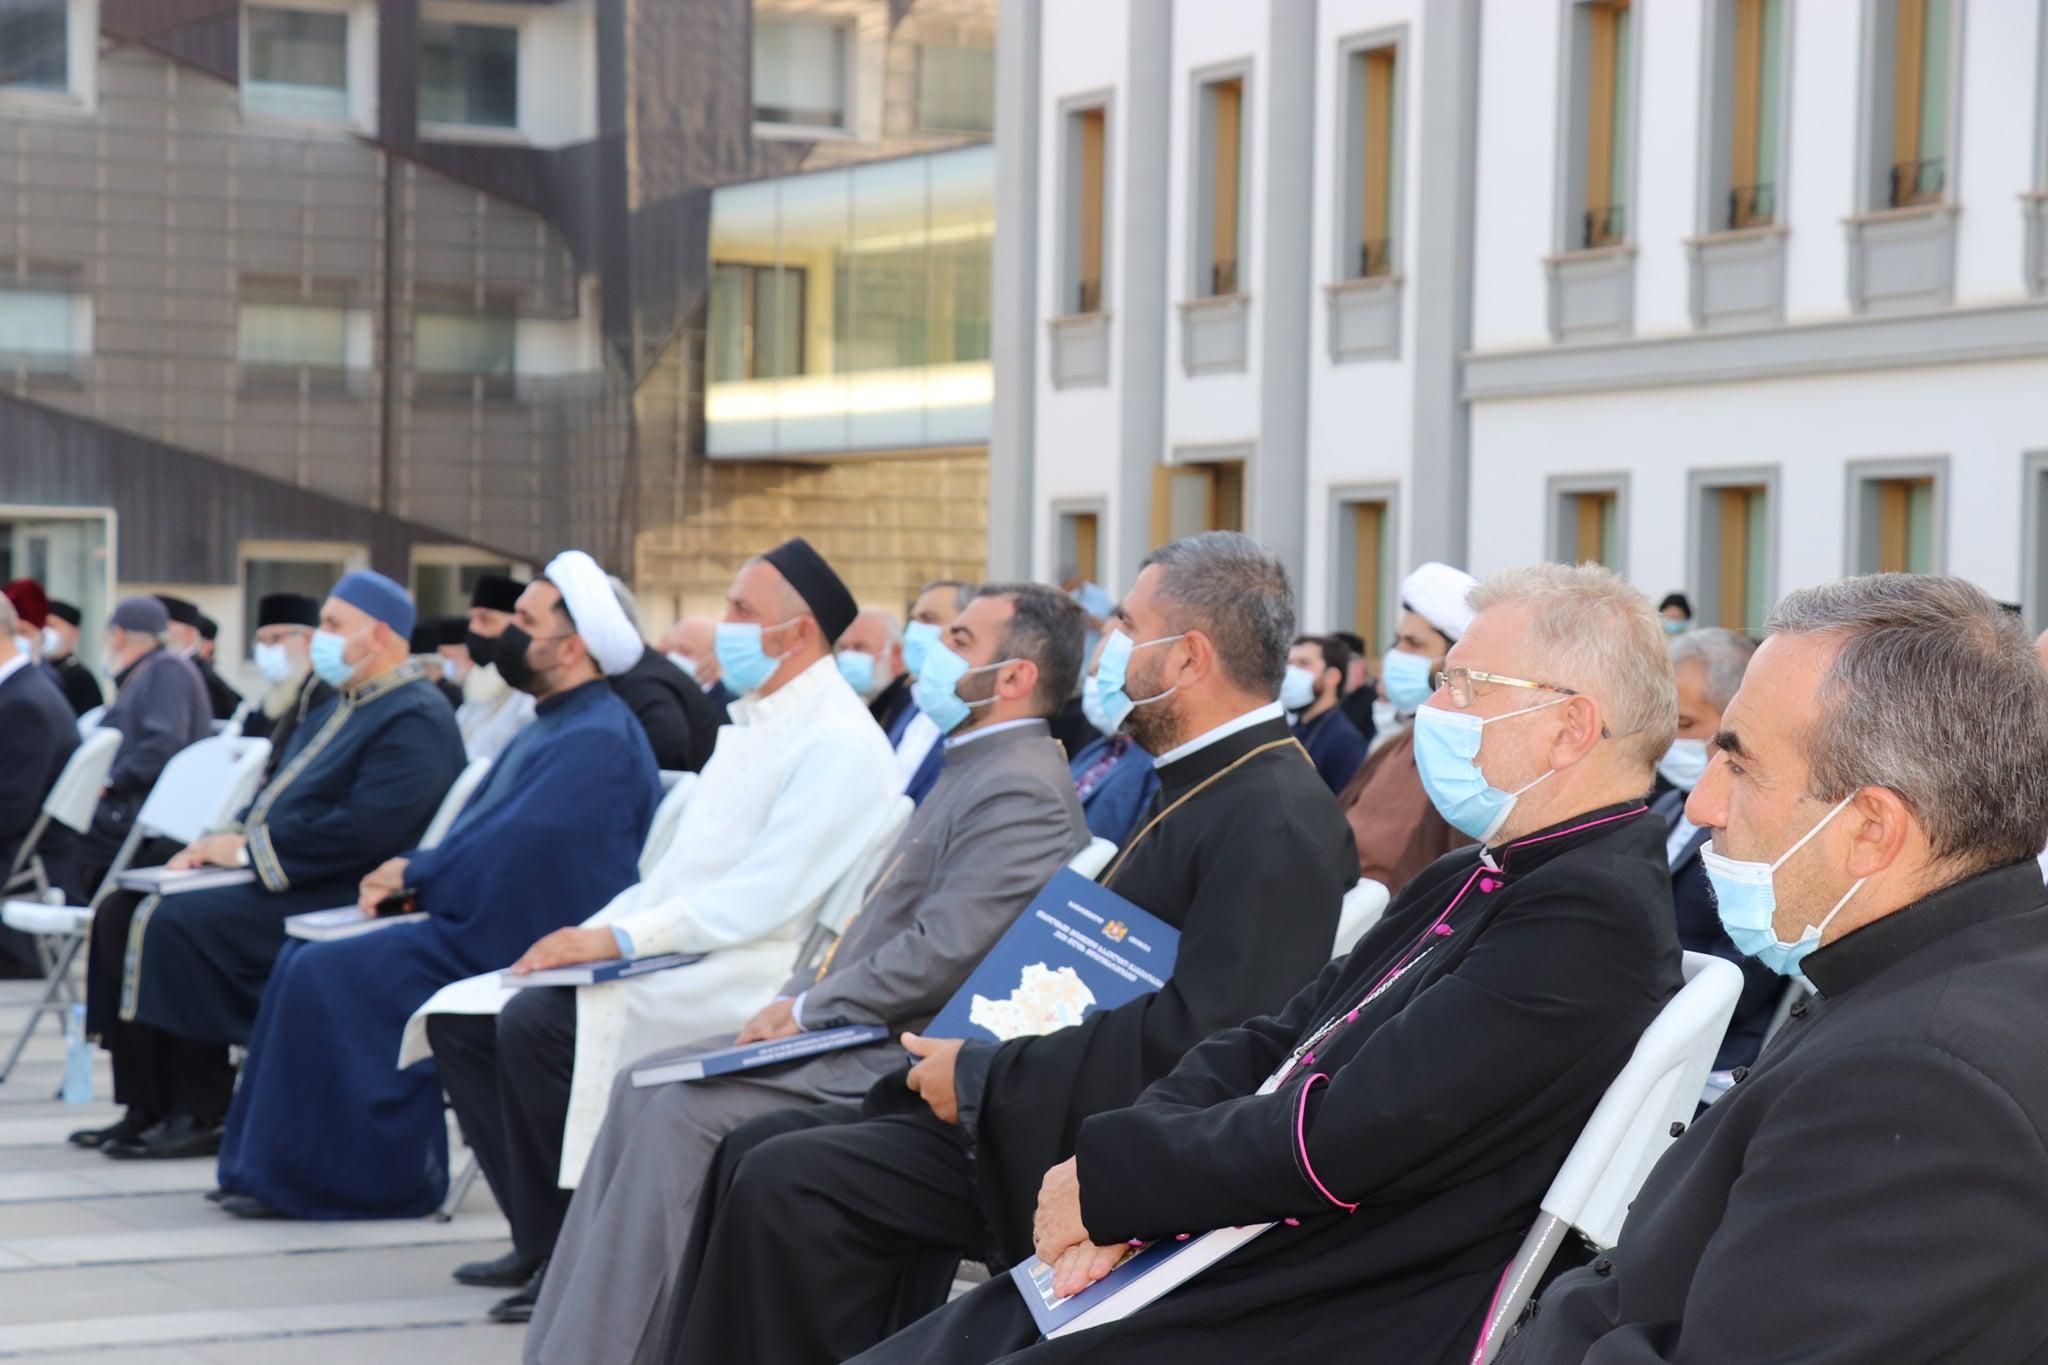 Предводитель епархии ААЦ в Грузии участвовал в  презентации альбома «Культовые сооружения, действующие в Тбилиси, по состоянию на 2020 год»